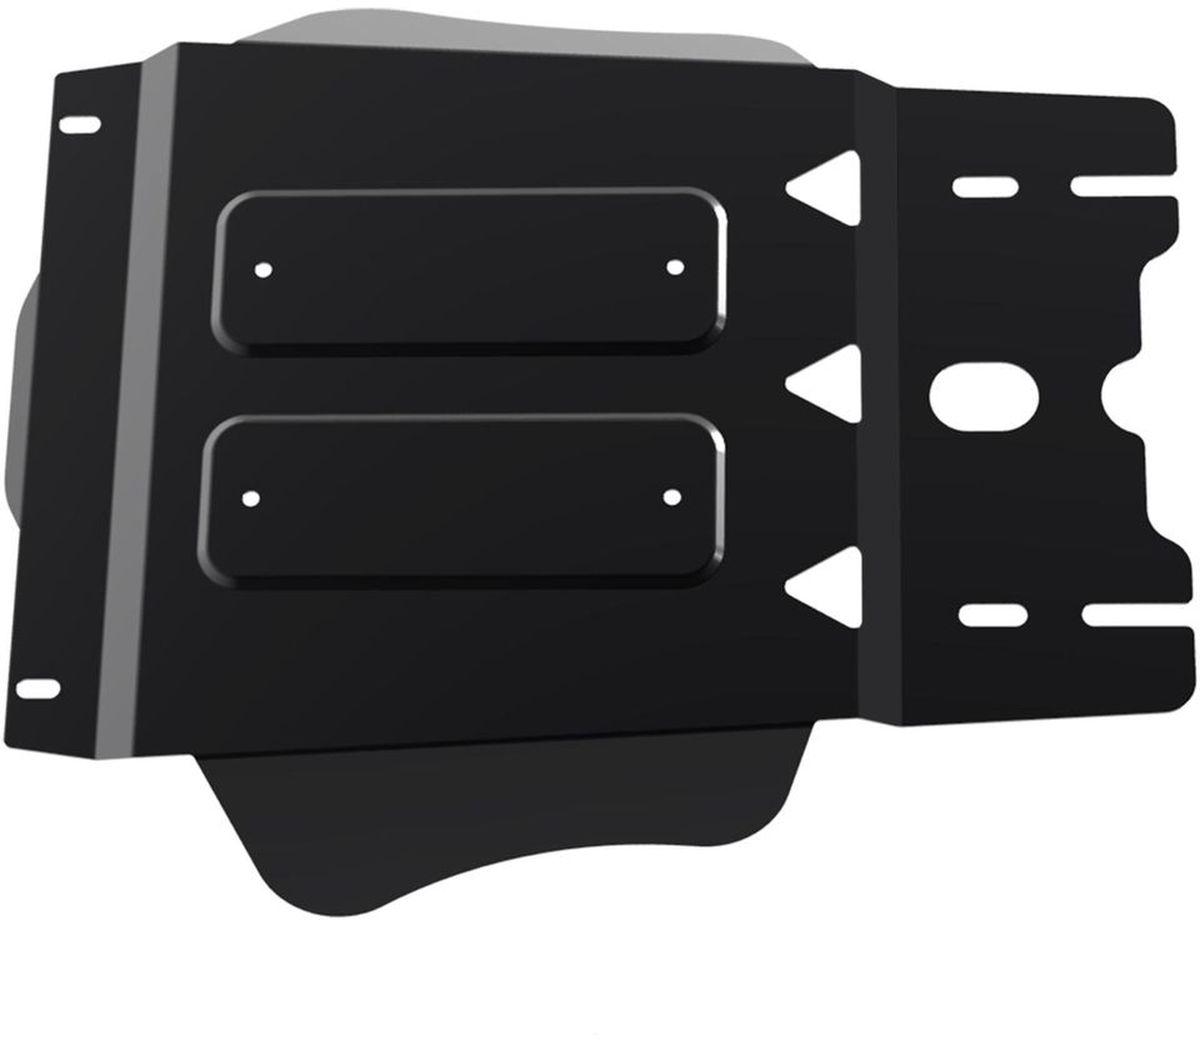 Защита КПП Автоброня, для Hyundai H1 ч.1, V - все (2007-2015; 2015-)111.02335.1Технологически совершенный продукт за невысокую стоимость. Защита разработана с учетом особенностей днища автомобиля, что позволяет сохранить дорожный просвет с минимальным изменением. Защита устанавливается в штатные места кузова автомобиля. Глубокий штамп обеспечивает до двух раз больше жесткости в сравнении с обычной защитой той же толщины. Проштампованные ребра жесткости препятствуют деформации защиты при ударах. Тепловой зазор и вентиляционные отверстия обеспечивают сохранение температурного режима двигателя в норме. Скрытый крепеж предотвращает срыв крепежных элементов при наезде на препятствие. Шумопоглощающие резиновые элементы обеспечивают комфортную езду без вибраций и скрежета металла, а съемные лючки для слива масла и замены фильтра - экономию средств и время. Конструкция изделия не влияет на пассивную безопасность автомобиля (при ударе защита не воздействует на деформационные зоны кузова). Со штатным крепежом. В комплекте инструкция по установке....